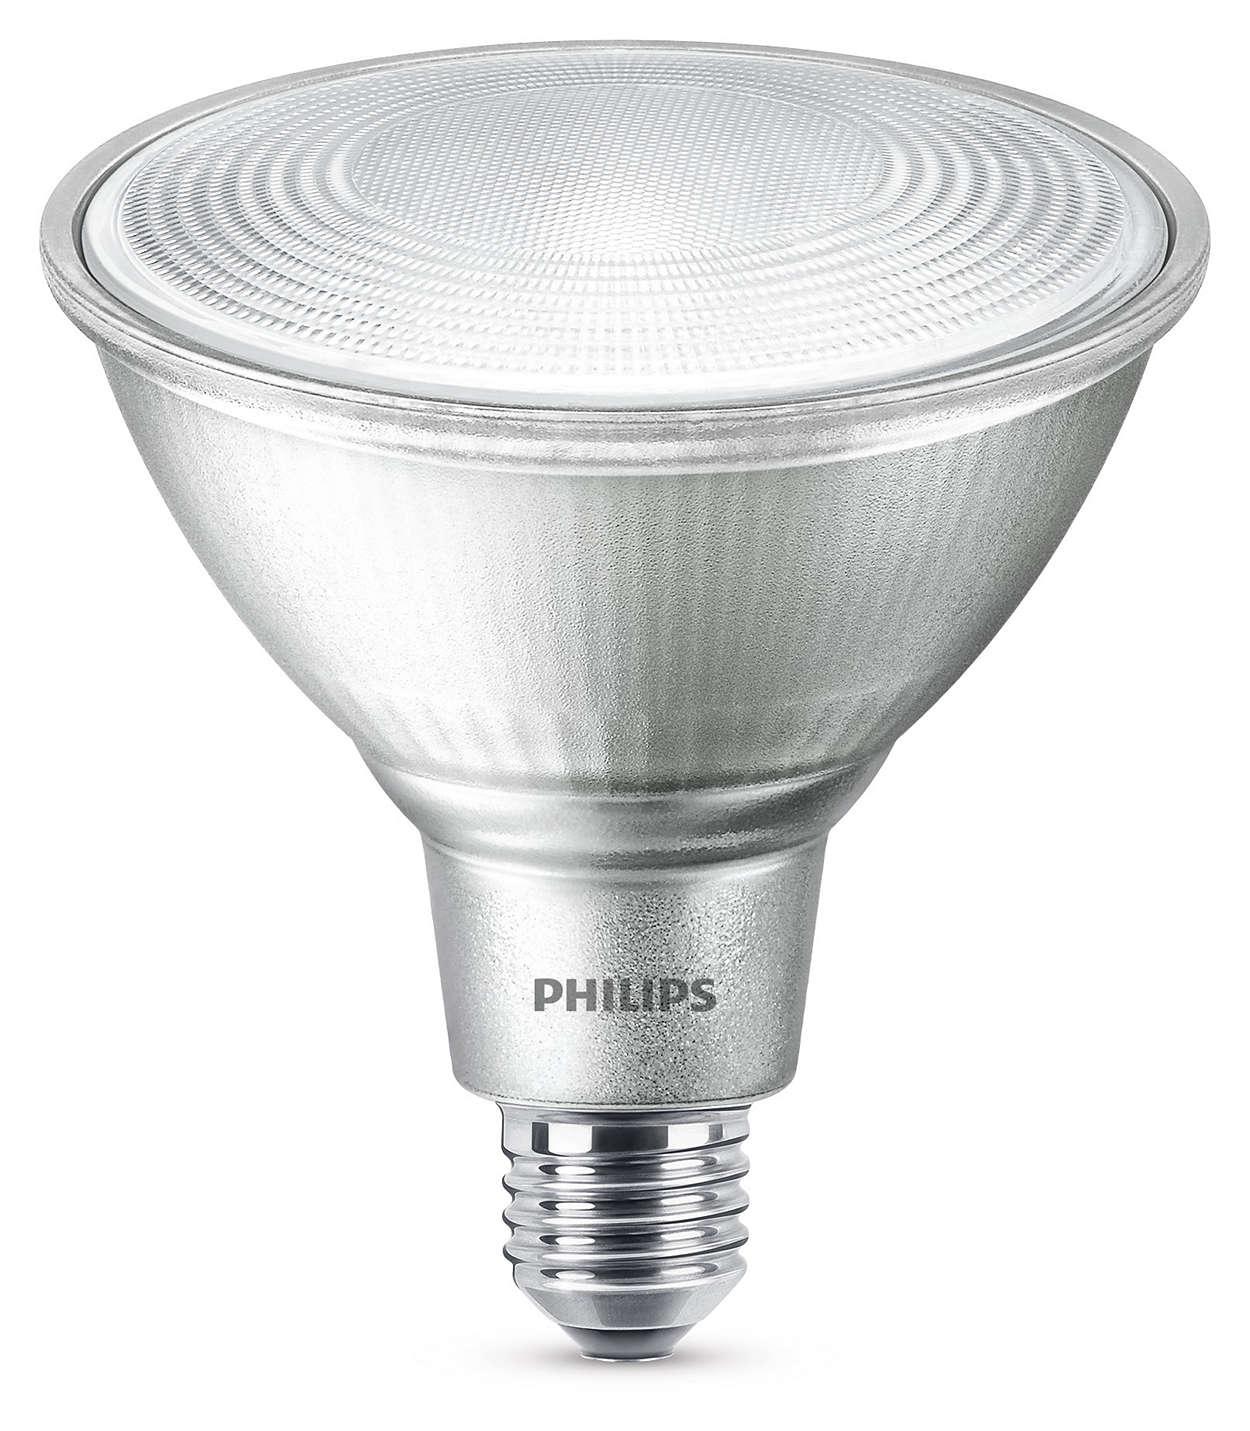 Hållbar LED-accentbelysning med riktat ljus